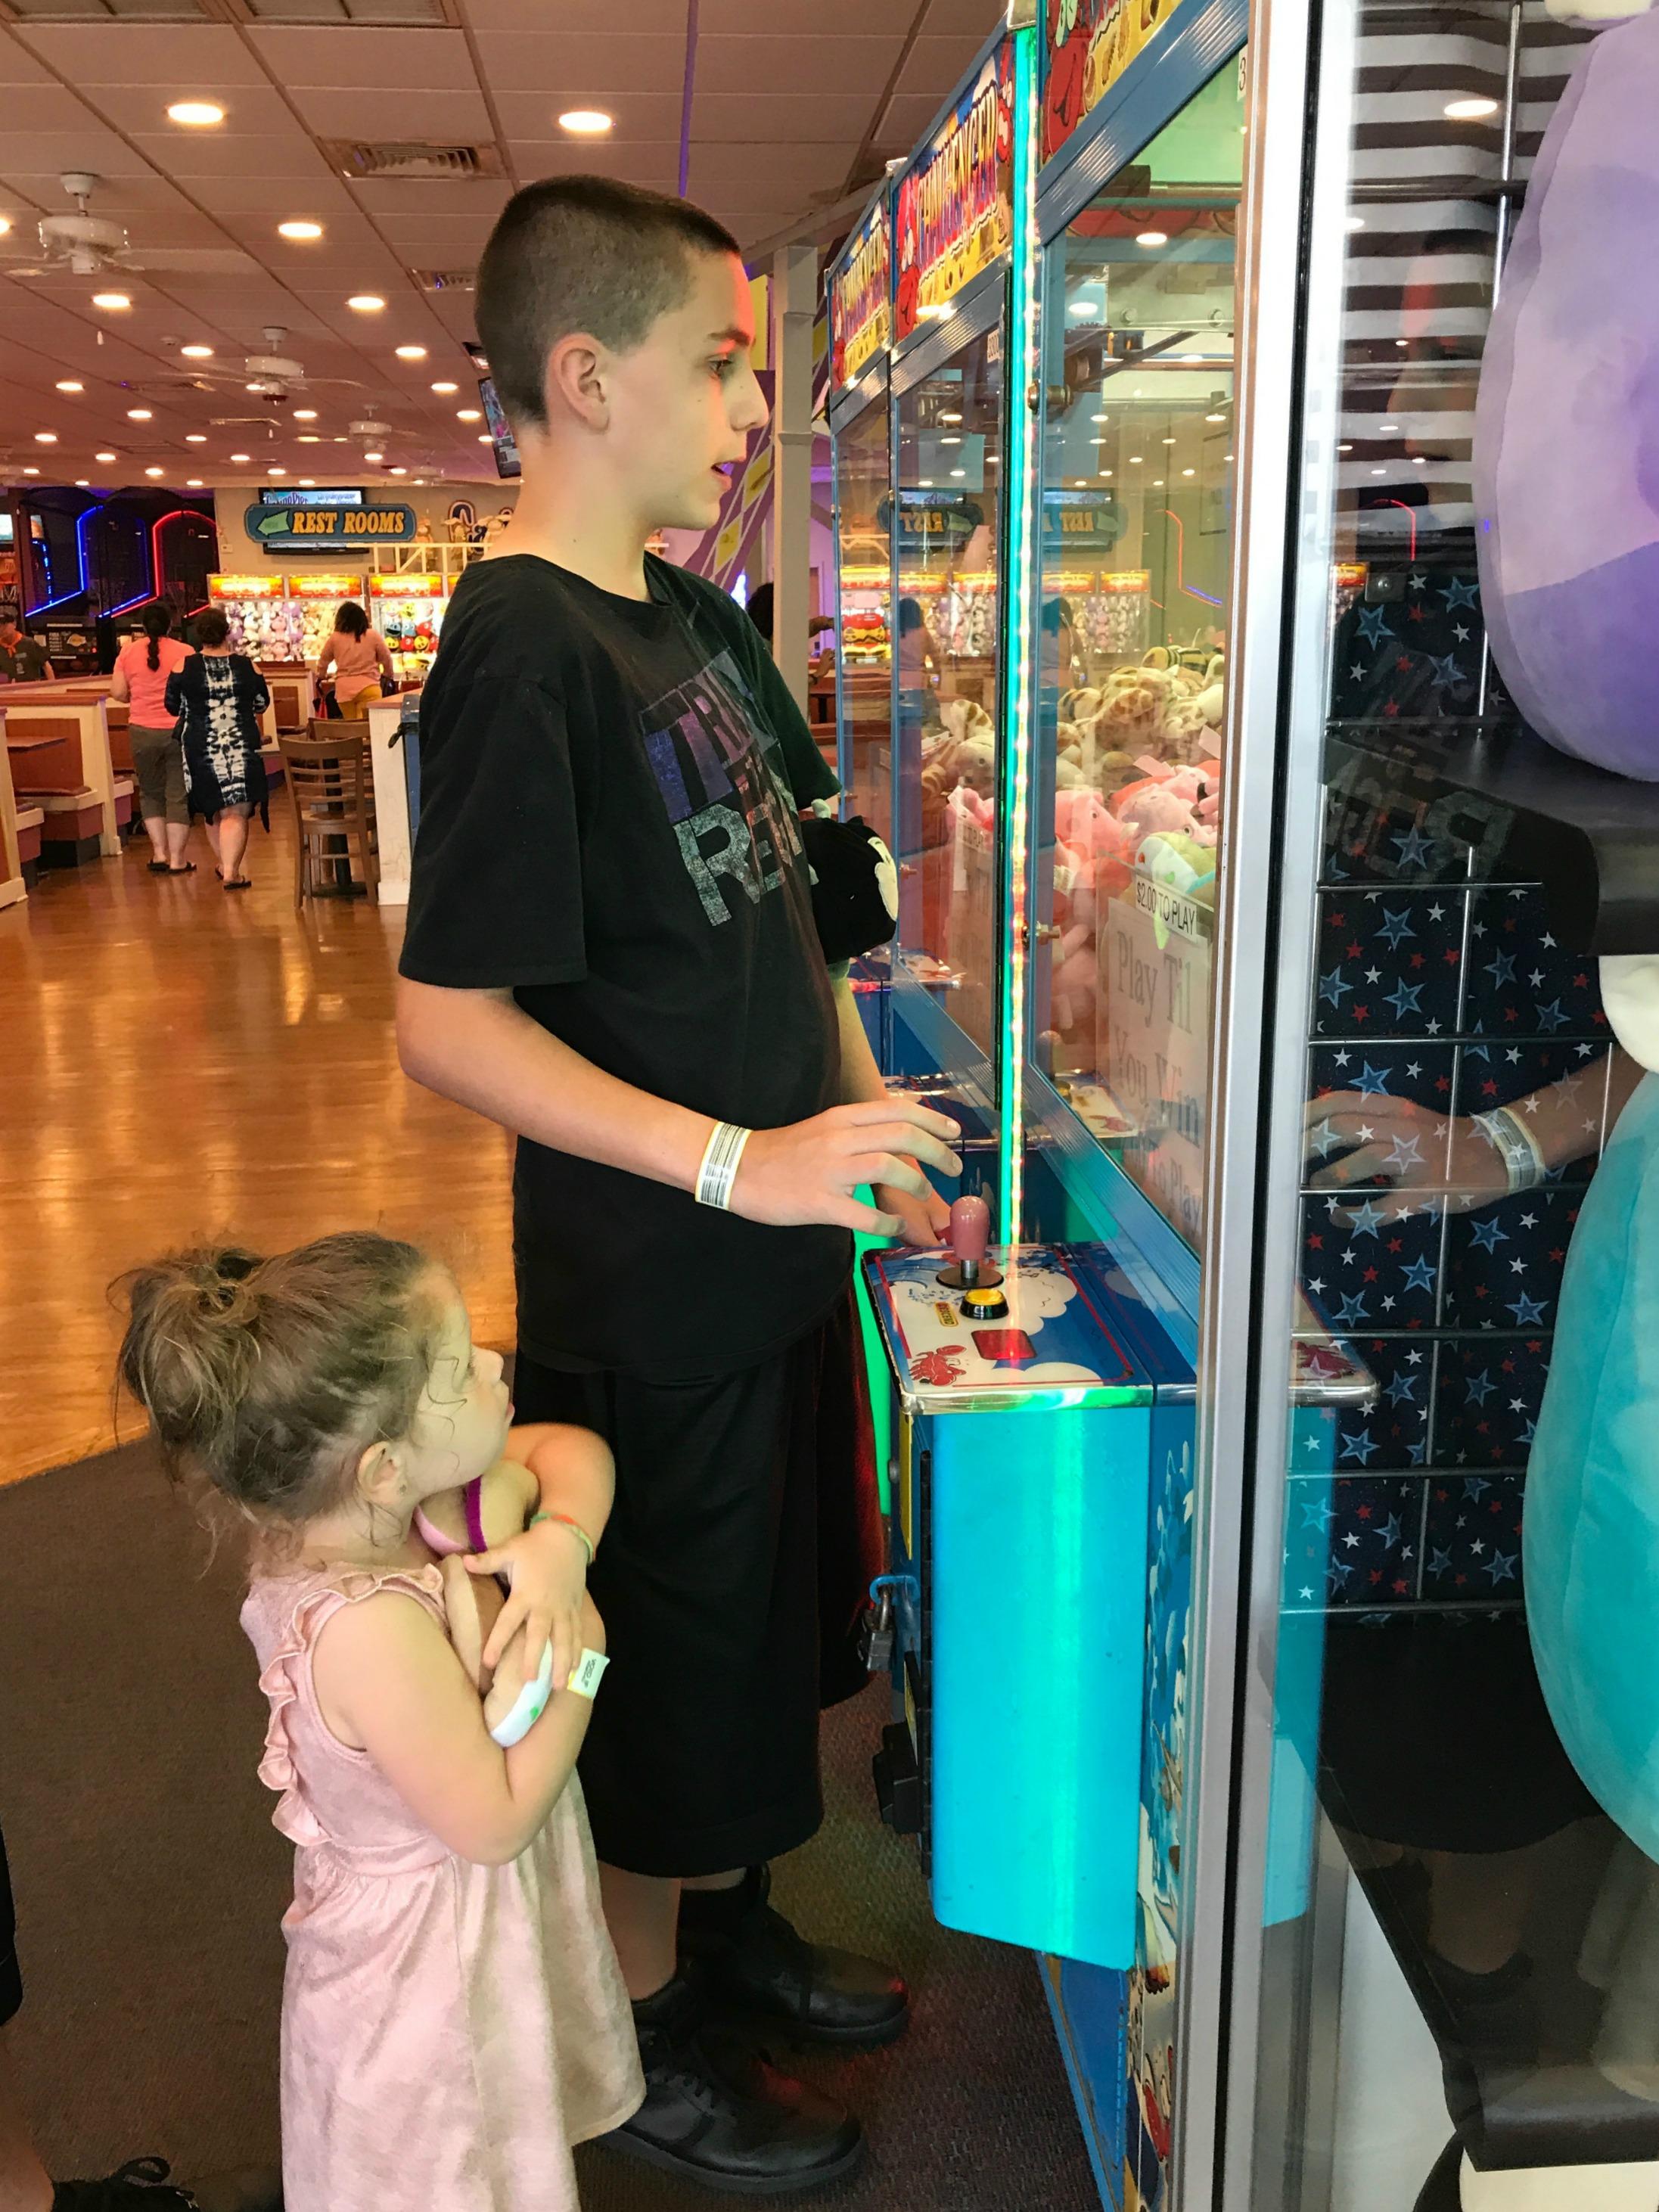 kids playing arcade game at casino pier